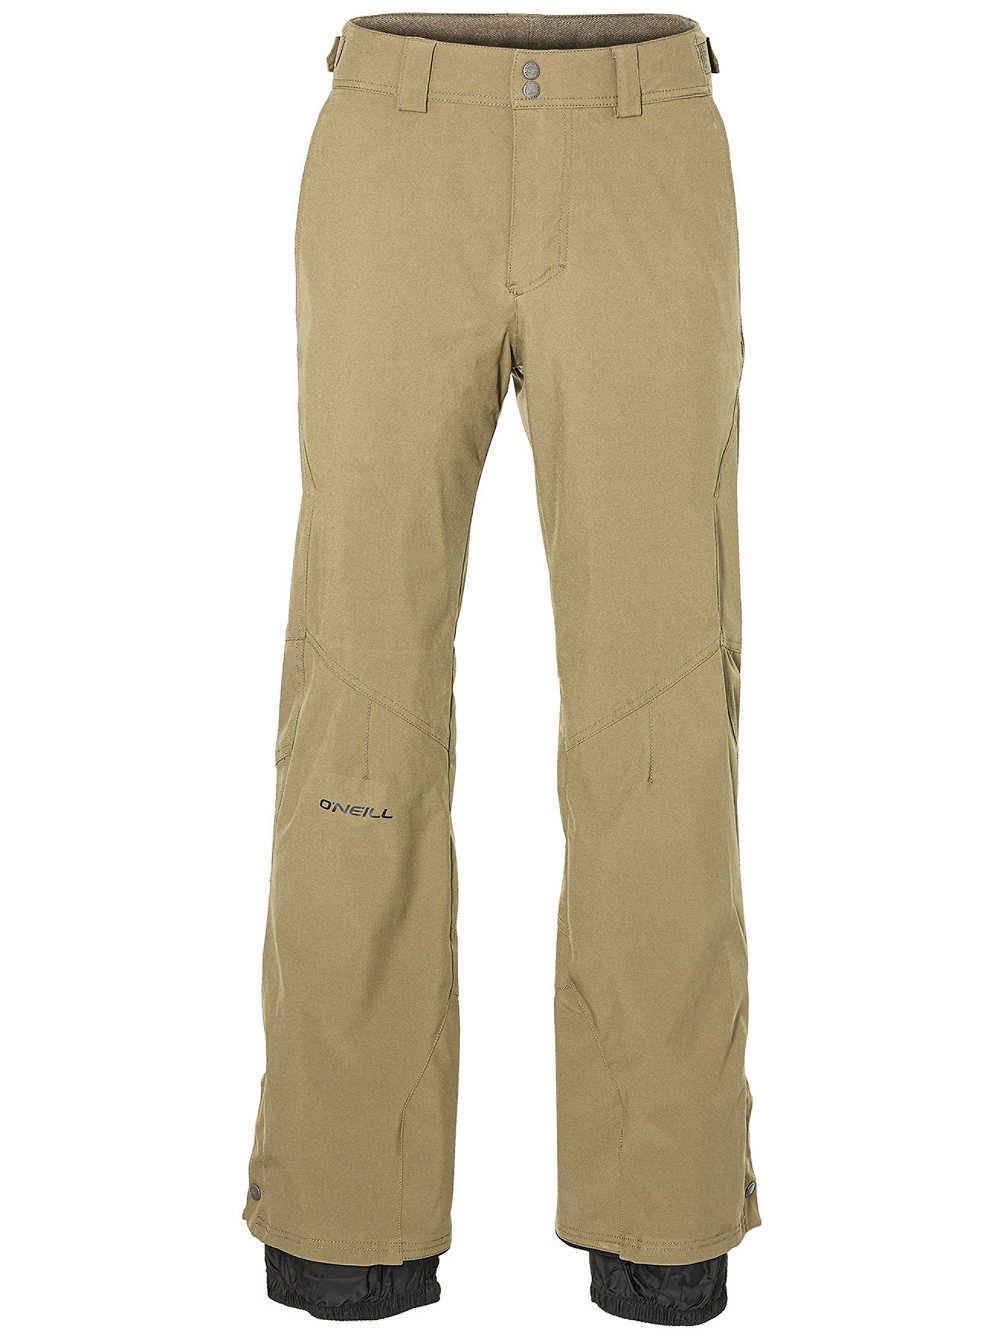 O' Neill 8p3027 8p3027 8p3027 Pantalone Sci, Uomo, Uomo, 8P3027_L_Marrón (Marl Marronee), Marronee (Marl Marronee), LB07FHYR15TXL Marroneee (marl Marronee) | Abile Fabbricazione  | Design ricco  | adottare  | Conveniente  | Garanzia di qualità e quantità  | d4c888